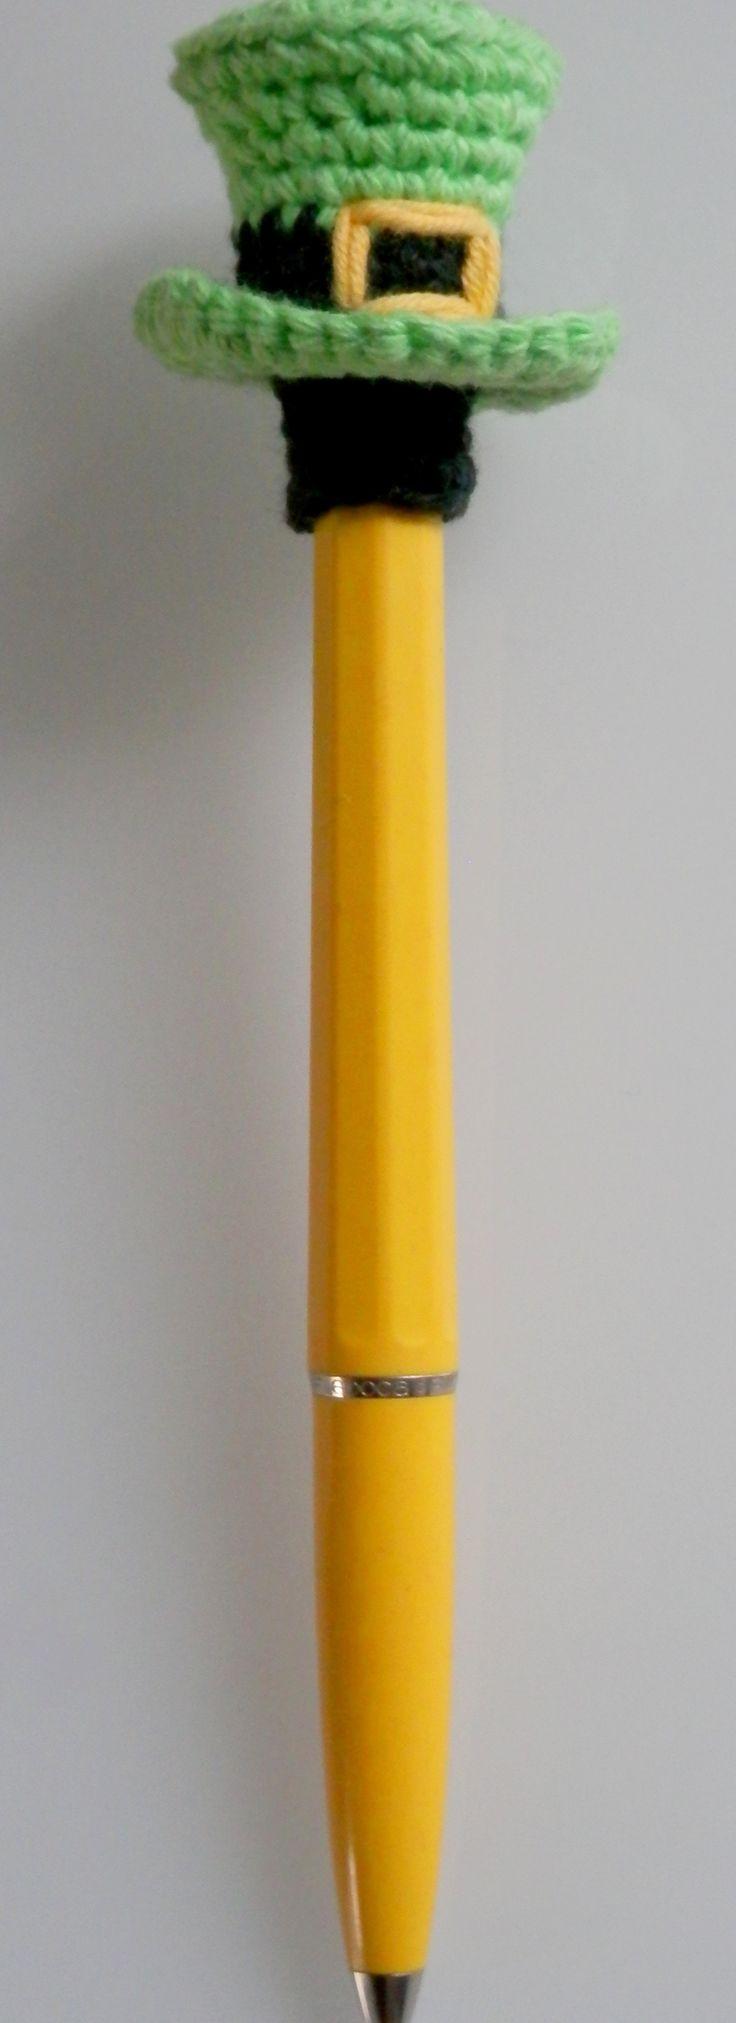 Meer Dan 1000 Ideen Over Pencil Topper Crafts Op